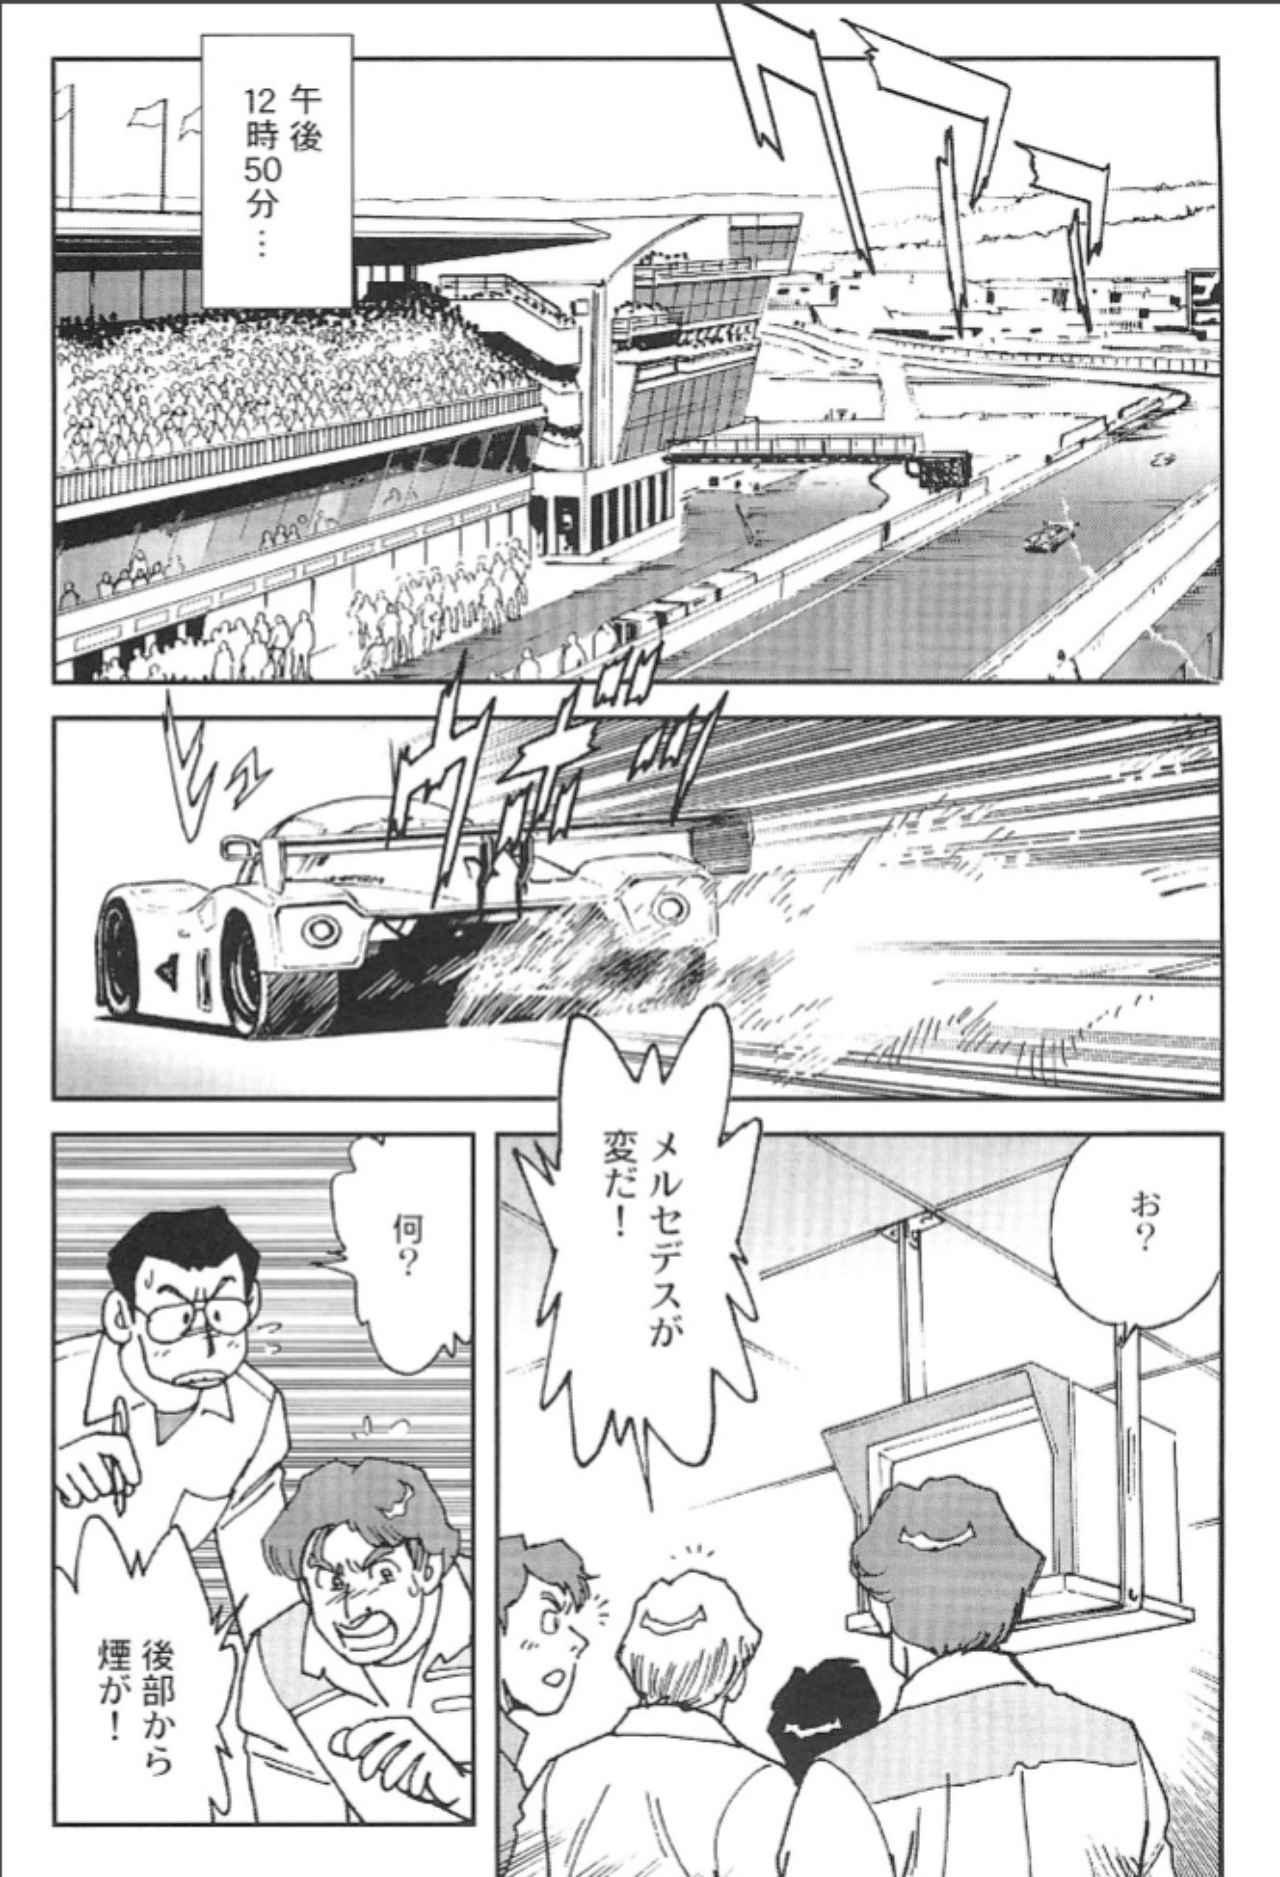 画像4: (夢を継ぐもの~ロータリー・エンジン開発物語@モーターマガジン社) blogs.yahoo.co.jp